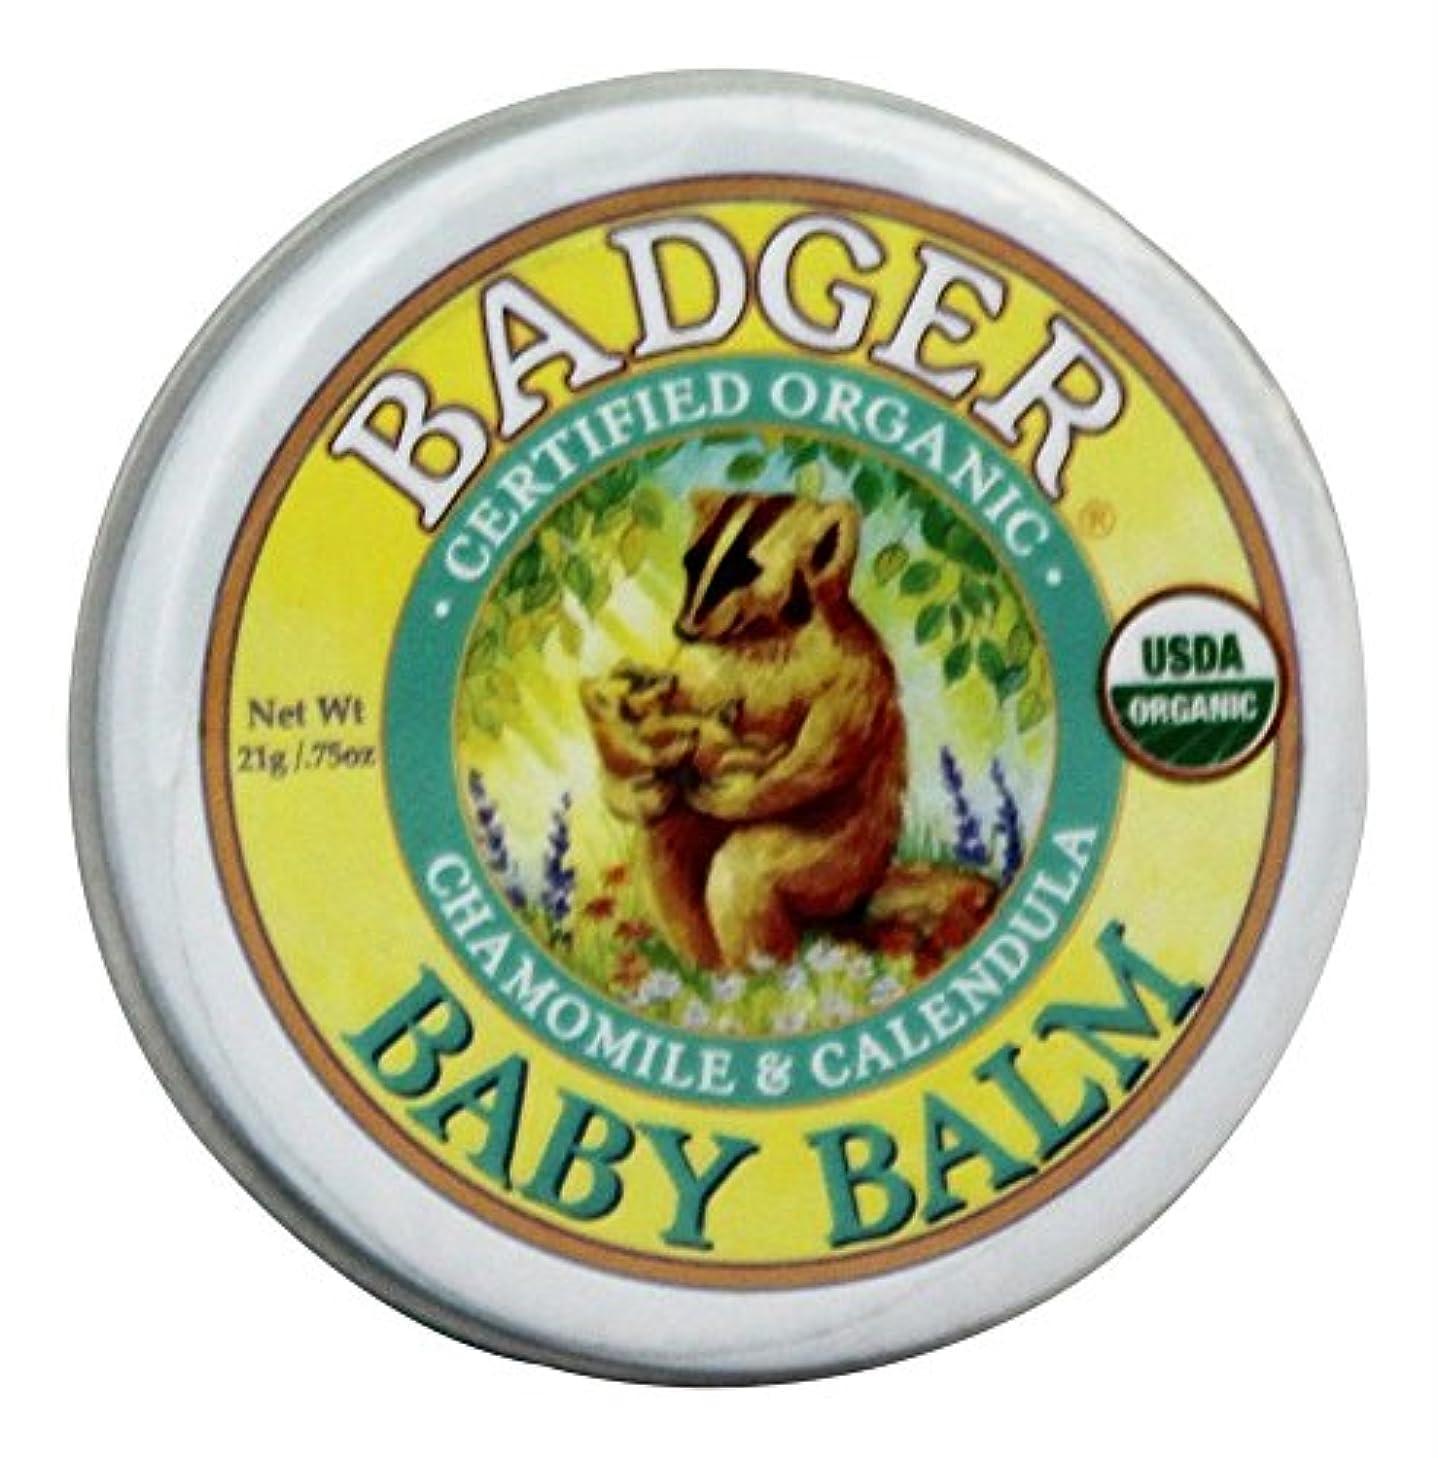 枕手綱きしむBadger - 赤ん坊の香油のChamomile及びCalendula - 0.75ポンド [並行輸入品]